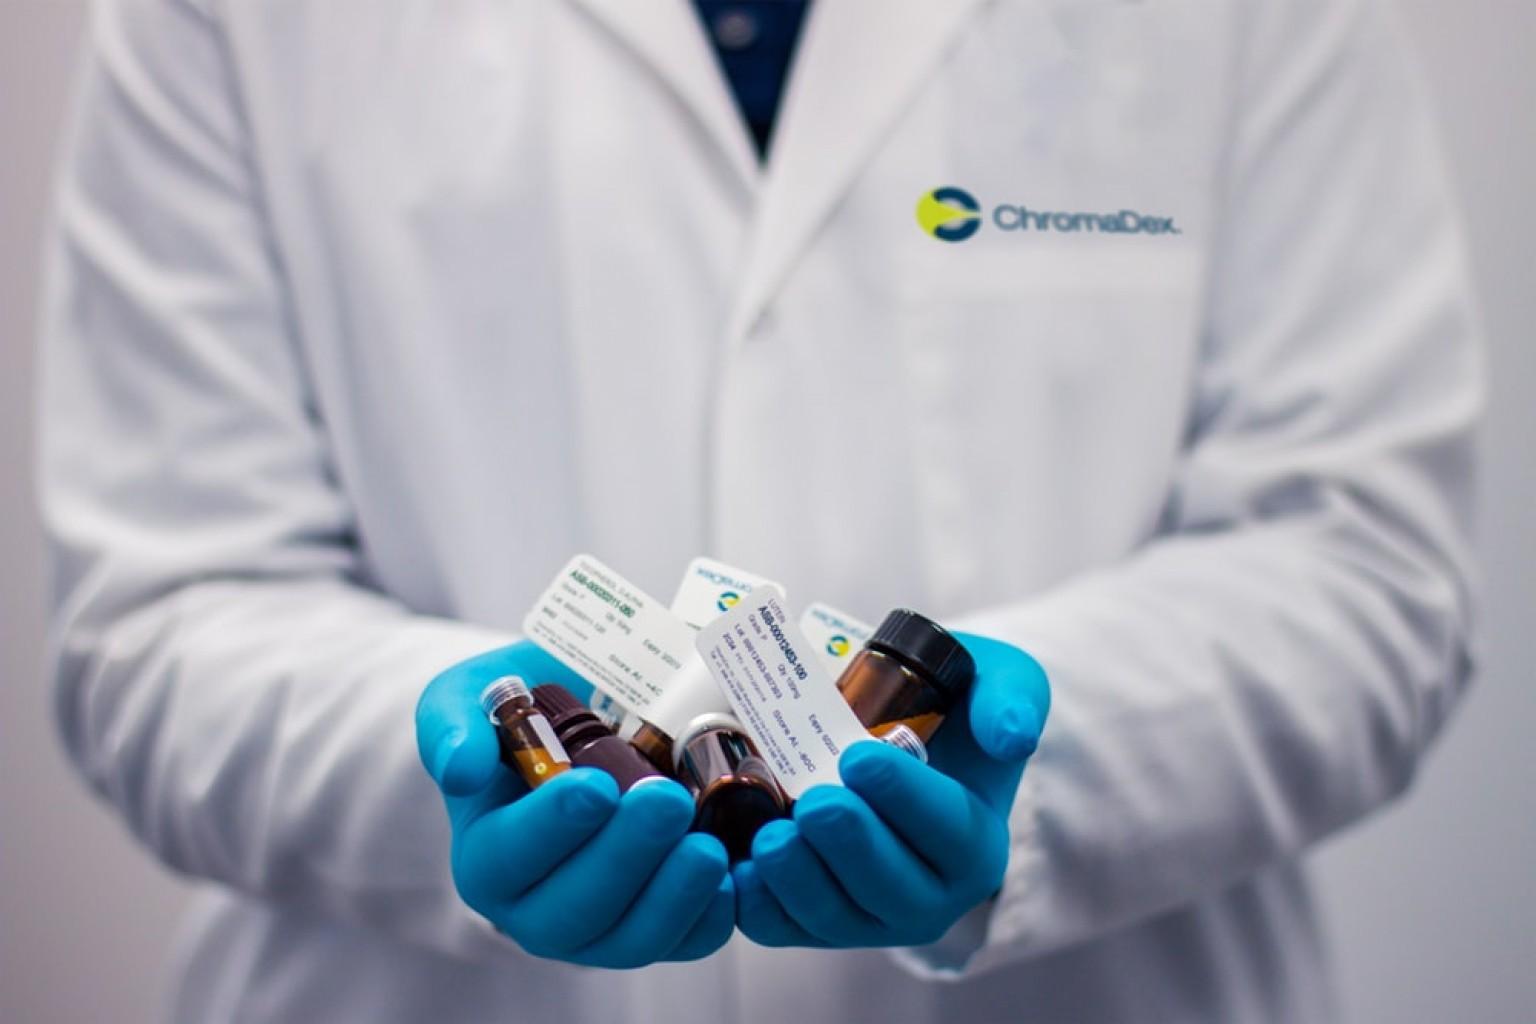 La administración pone fin a la protección de atención médica para migrantes